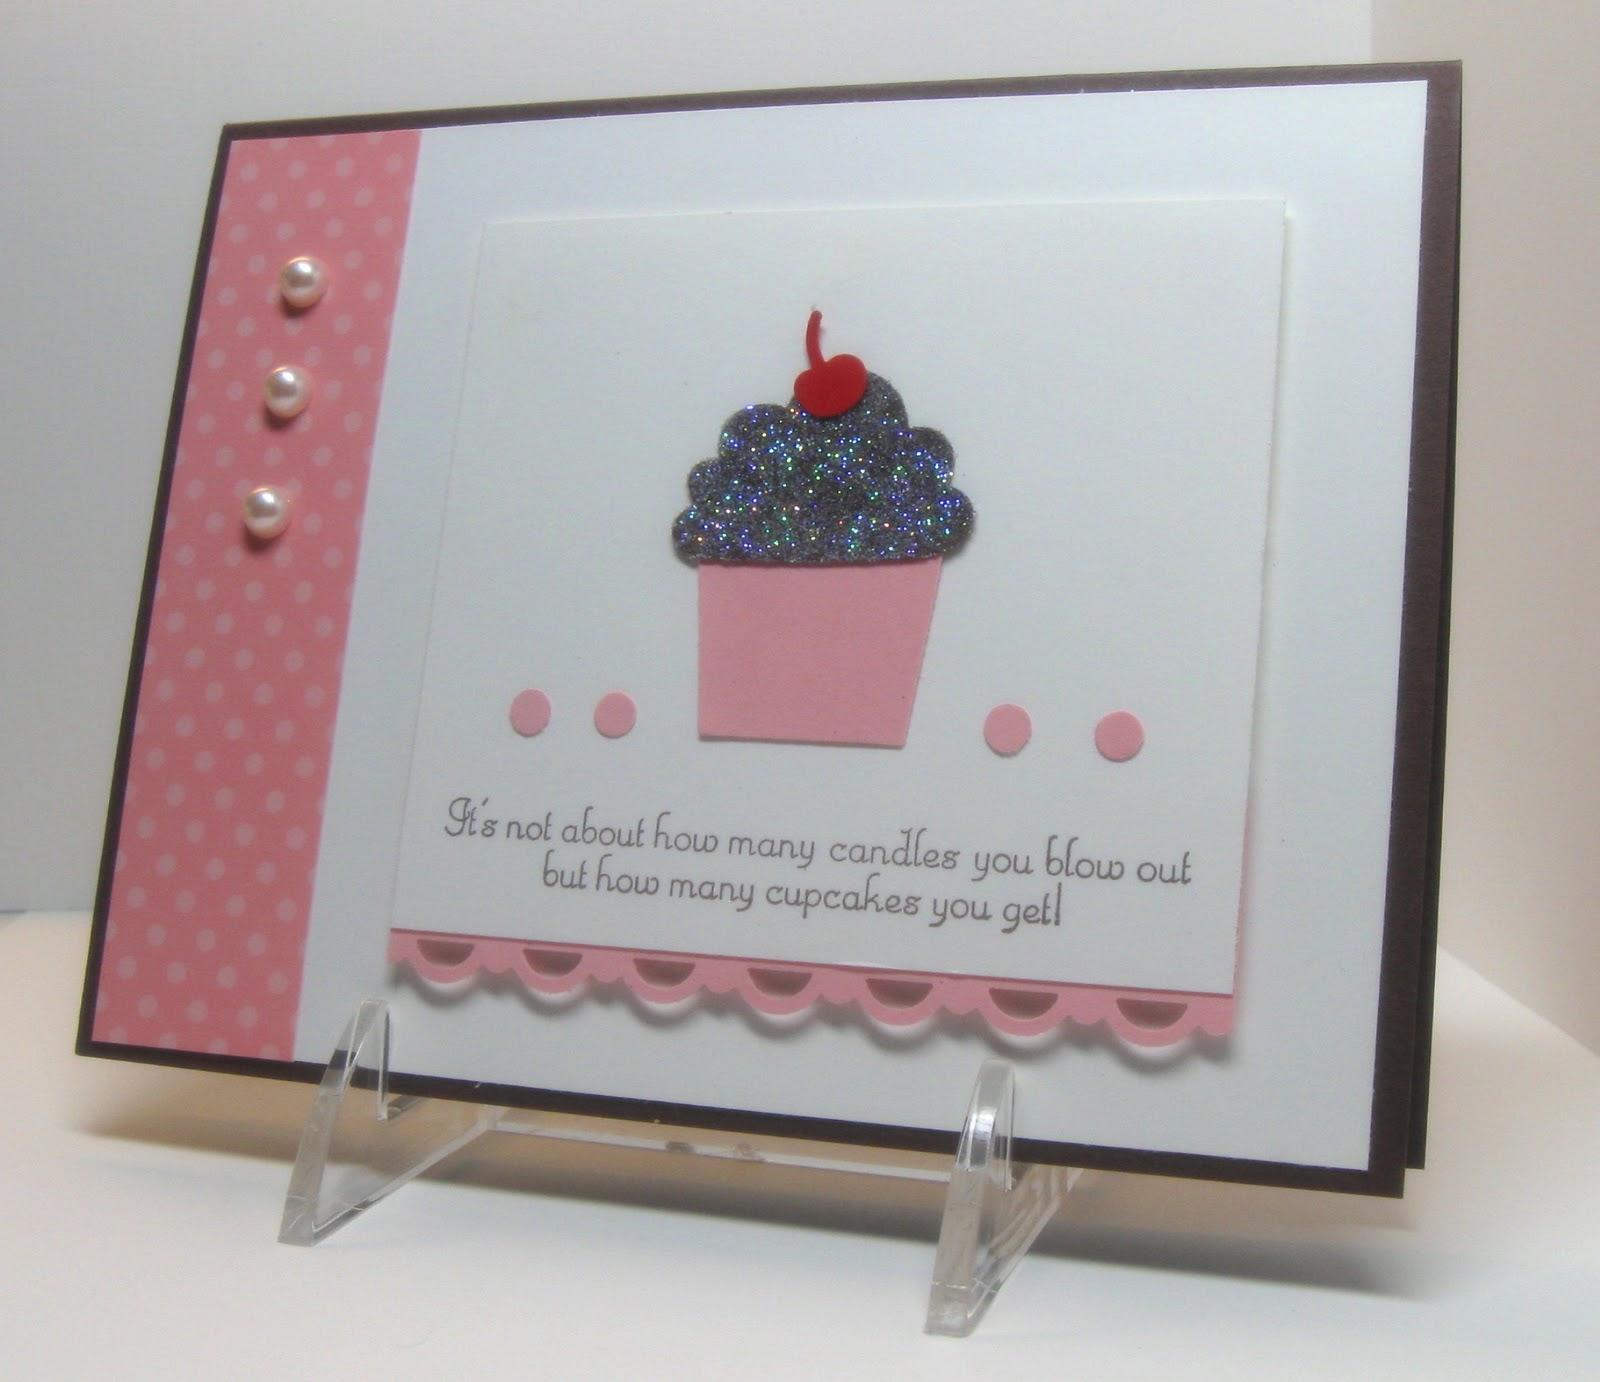 http://1.bp.blogspot.com/_nPYP-xMxKvw/TTX4ev61jaI/AAAAAAAAAY8/kkZWRHTfDvQ/s1600/Pink+Chocolate+3.jpg